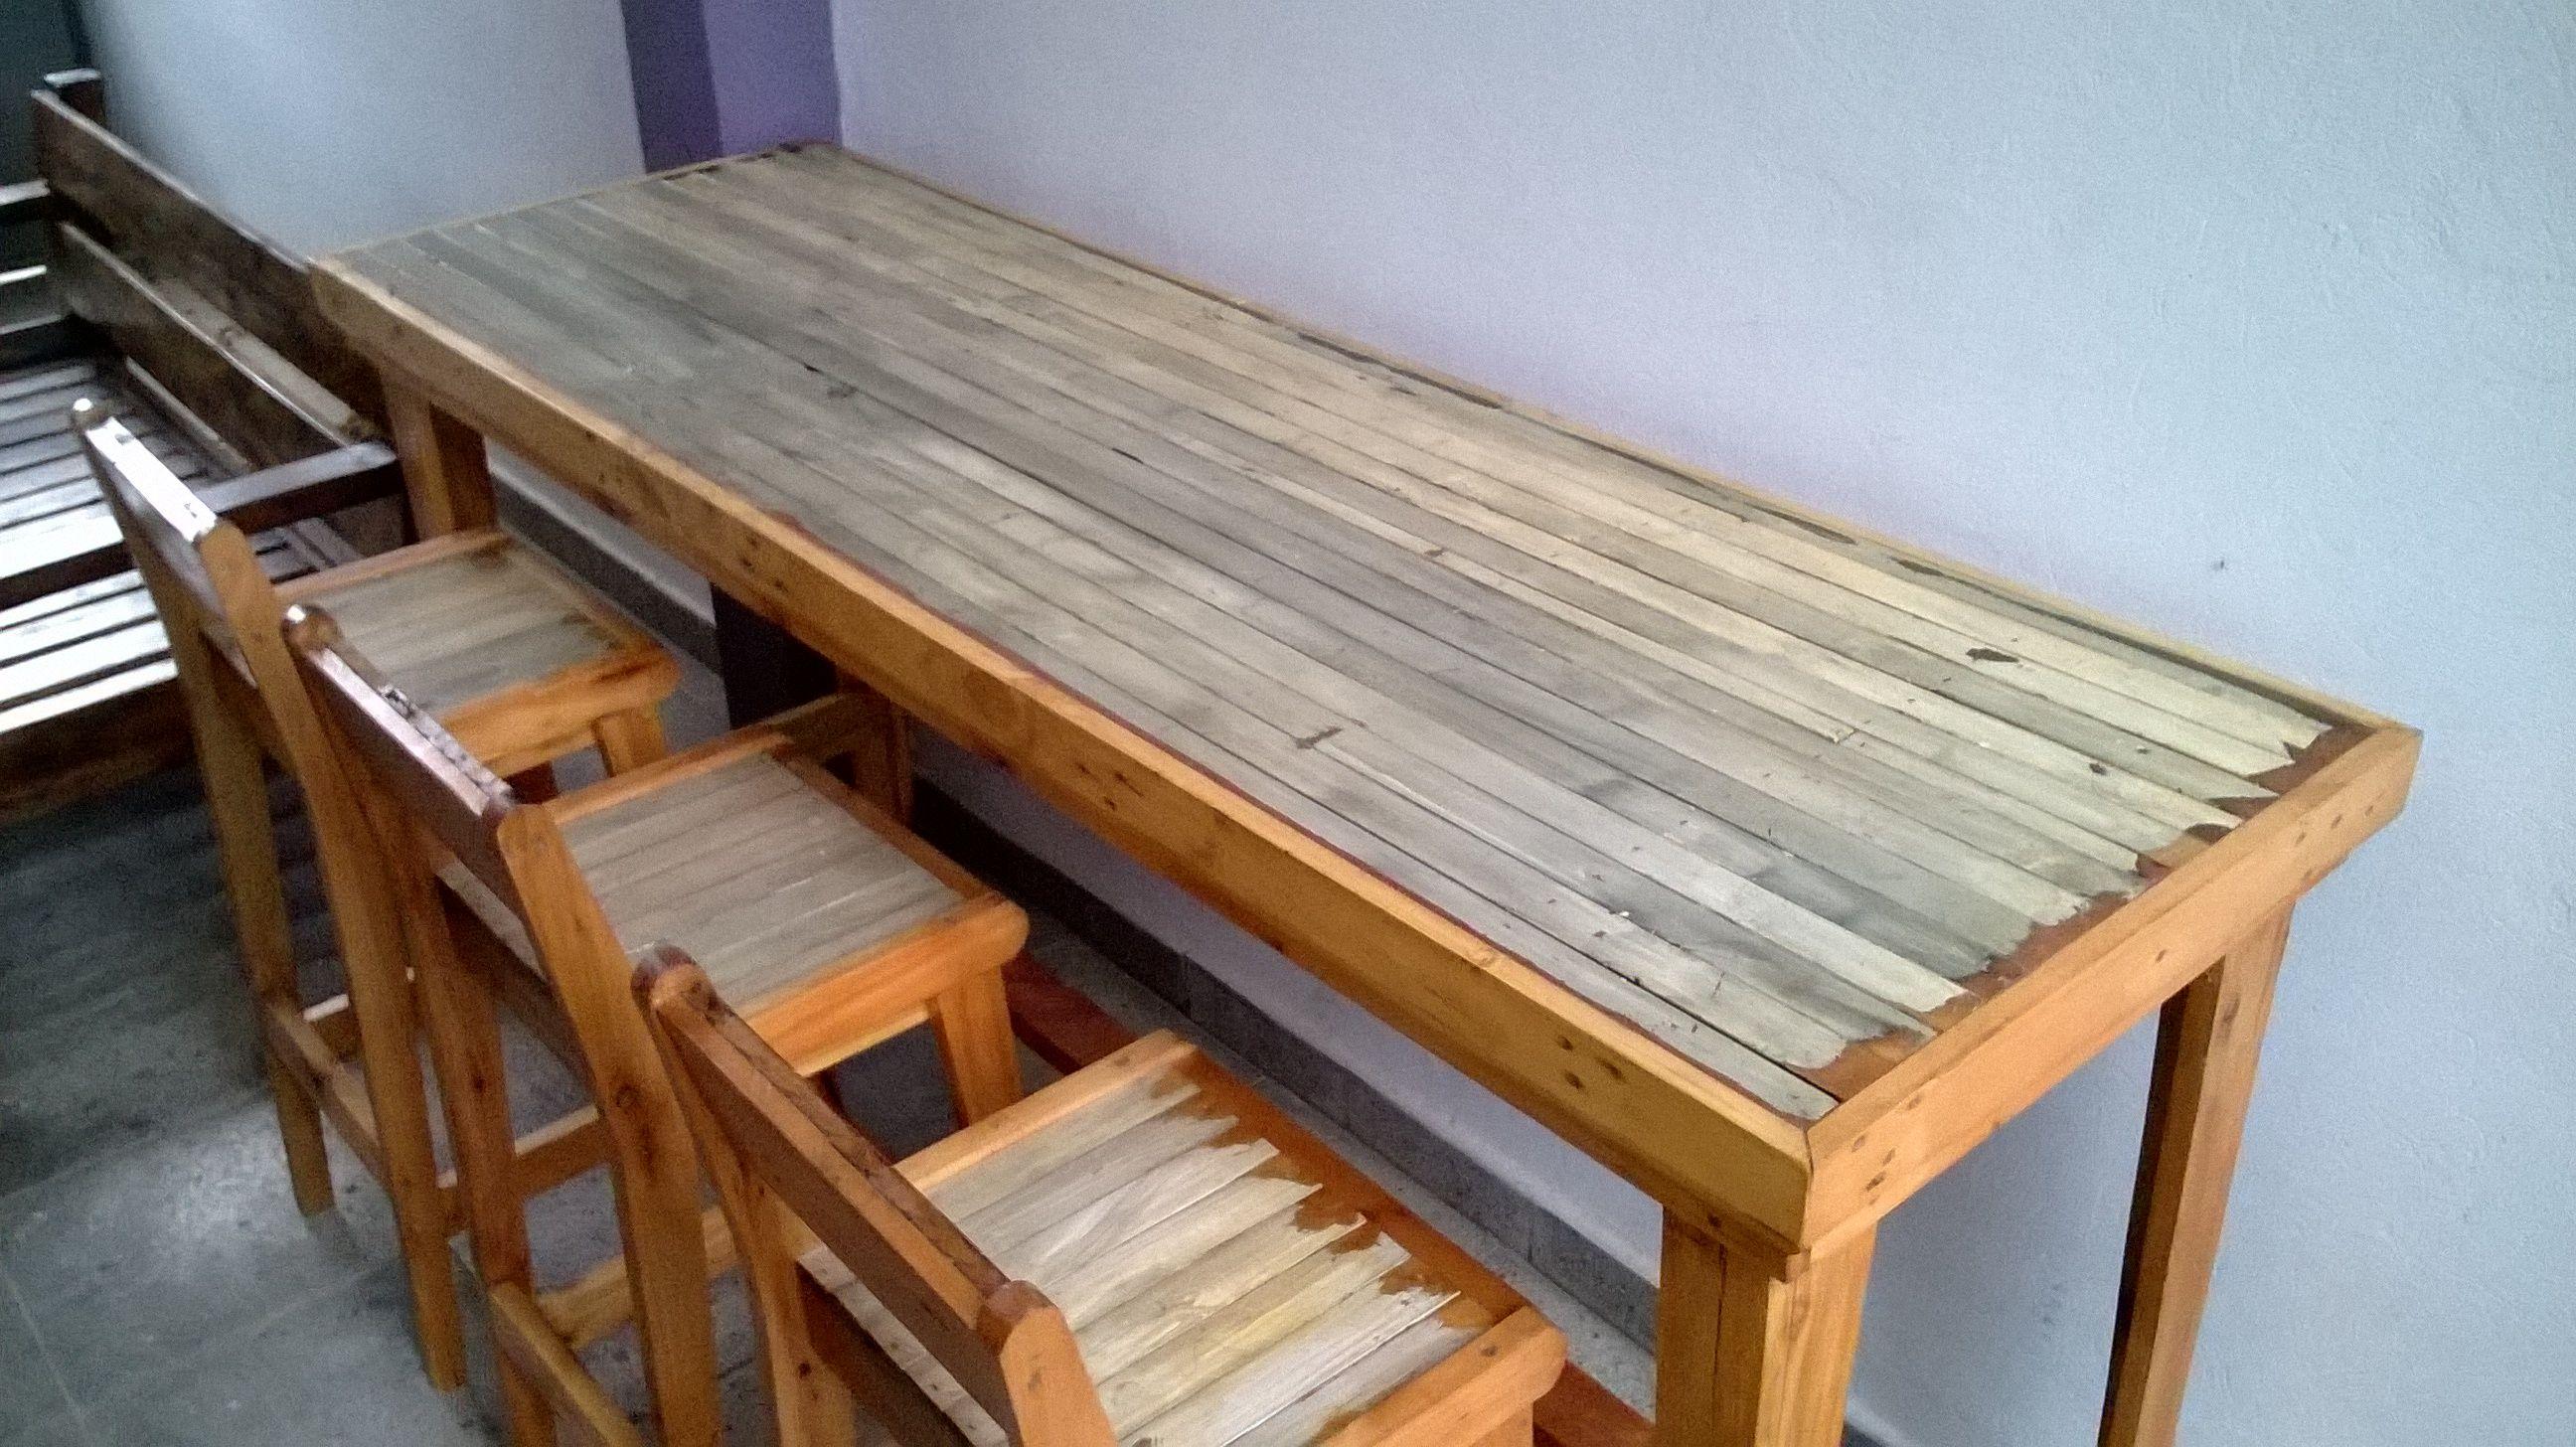 Barra de pino brasil recuperado 6 banquetas haciendo for Bar con madera reciclada